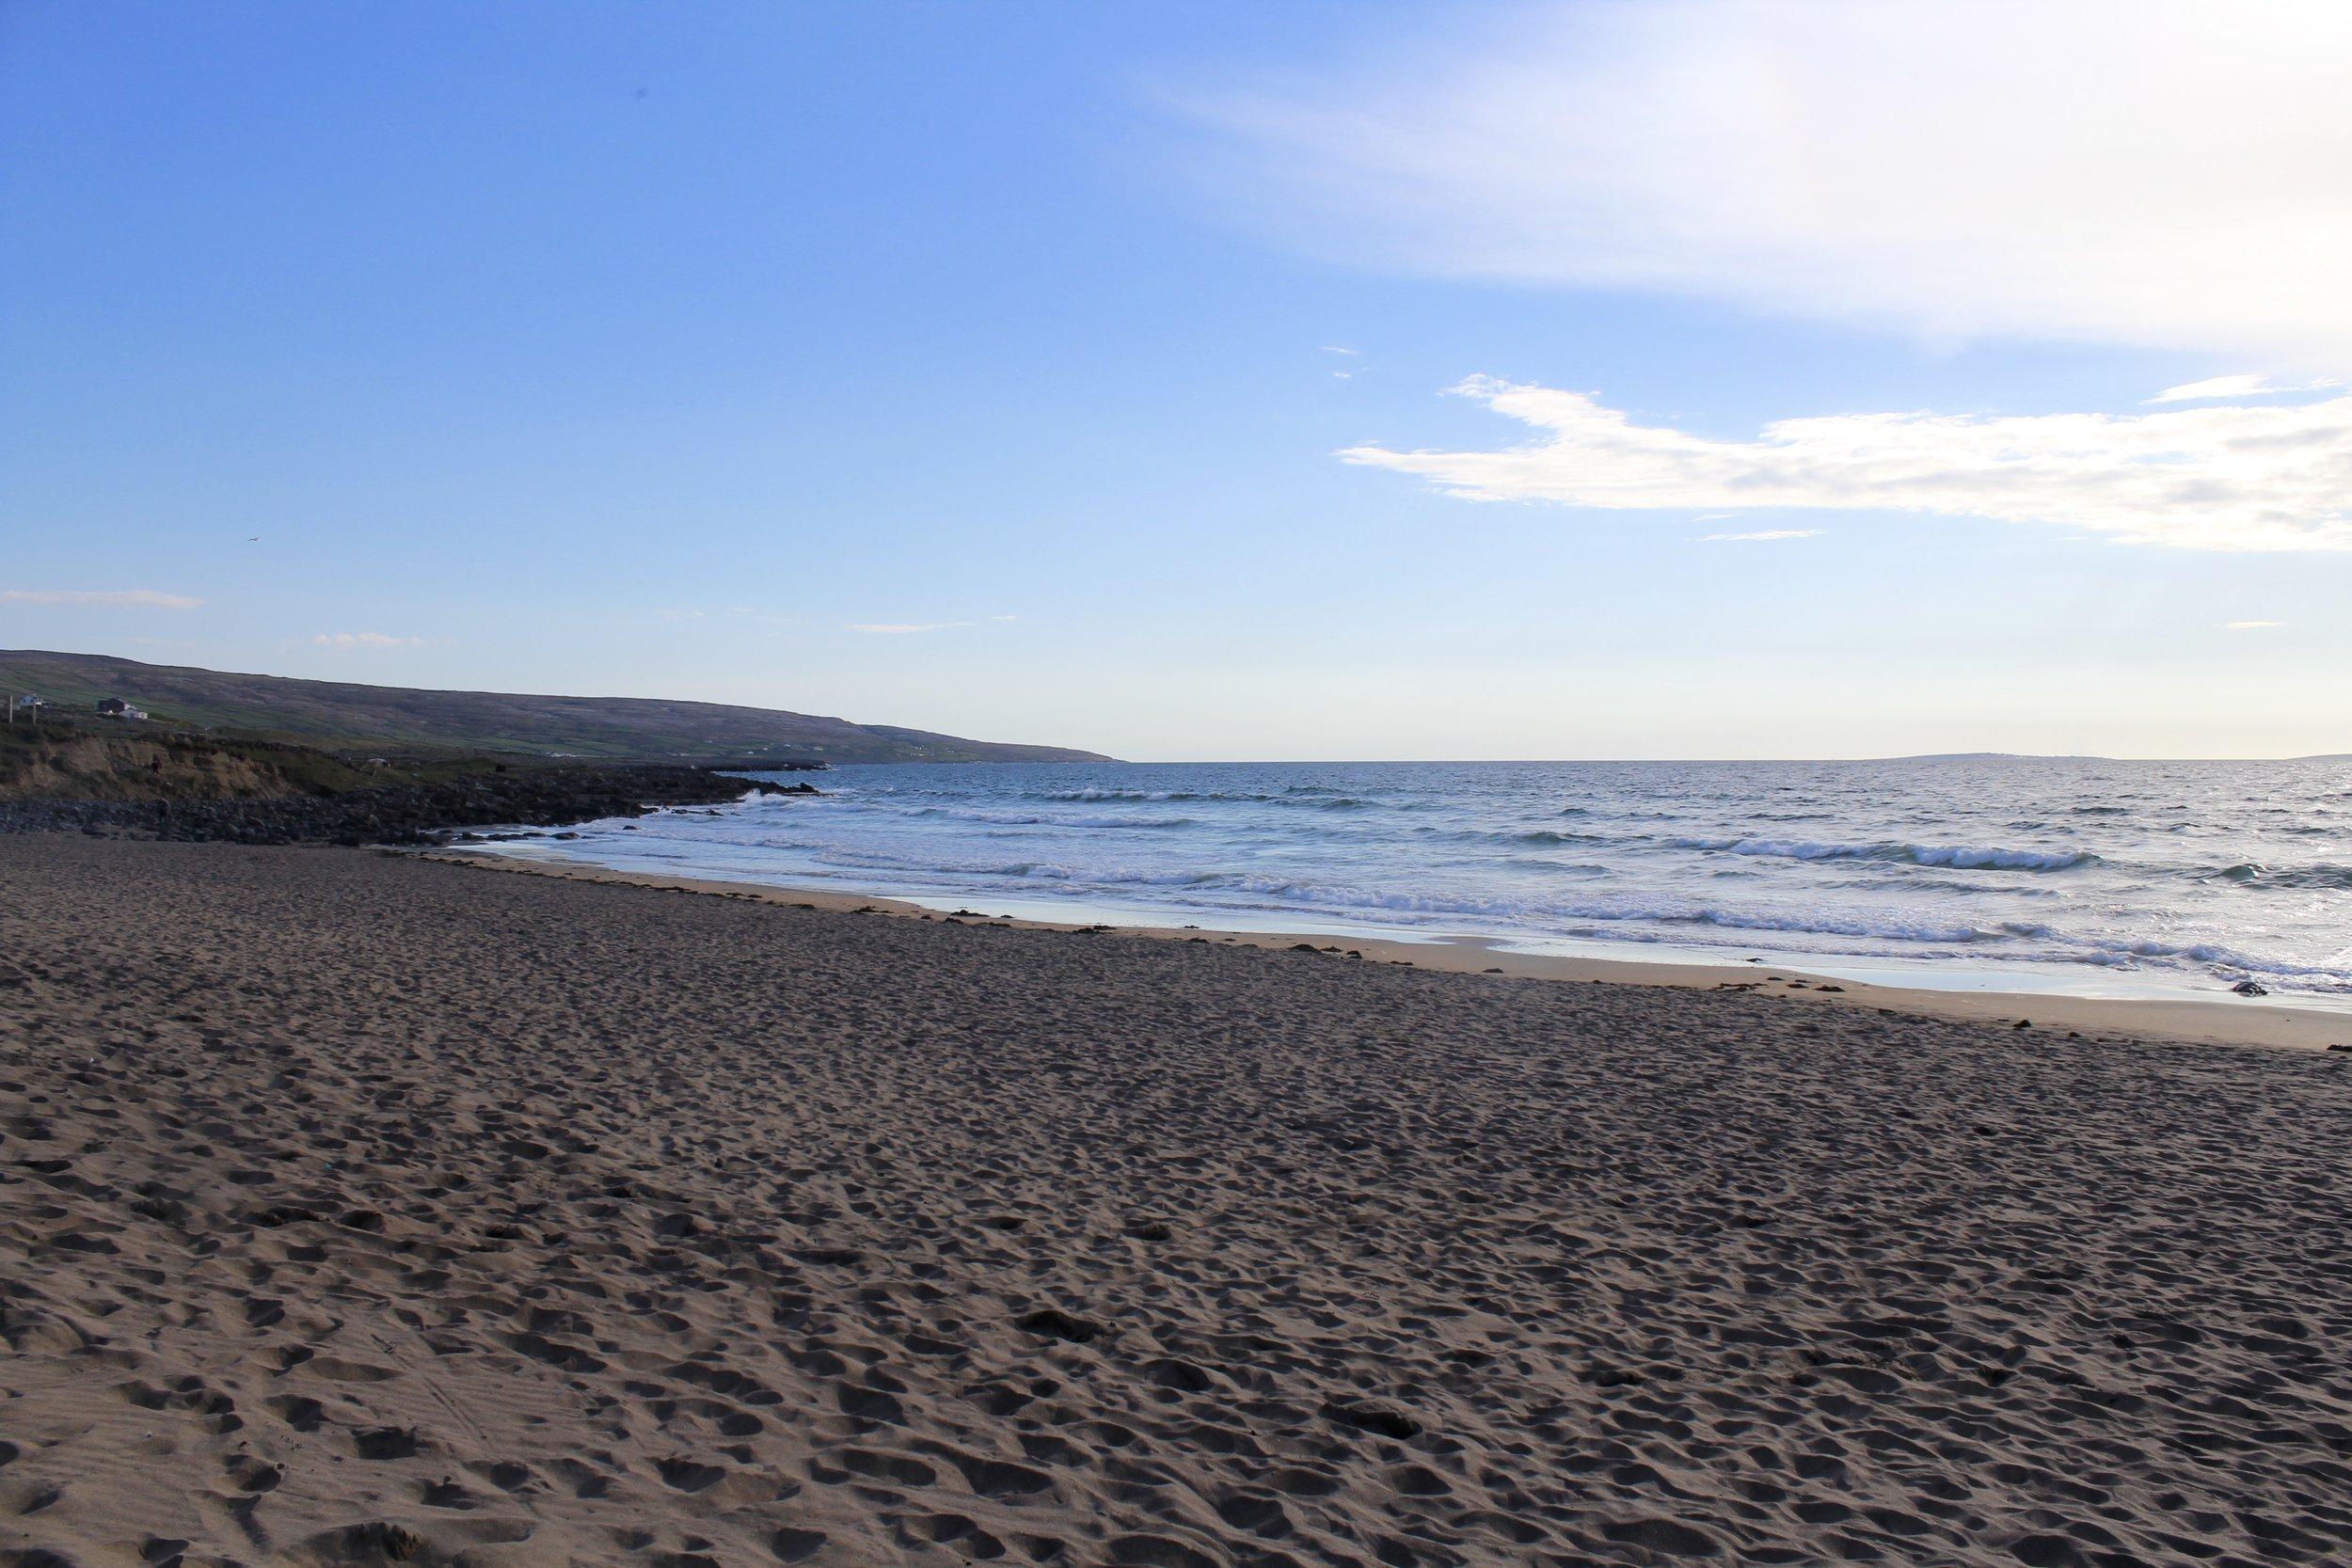 Fanore beach, April 2018